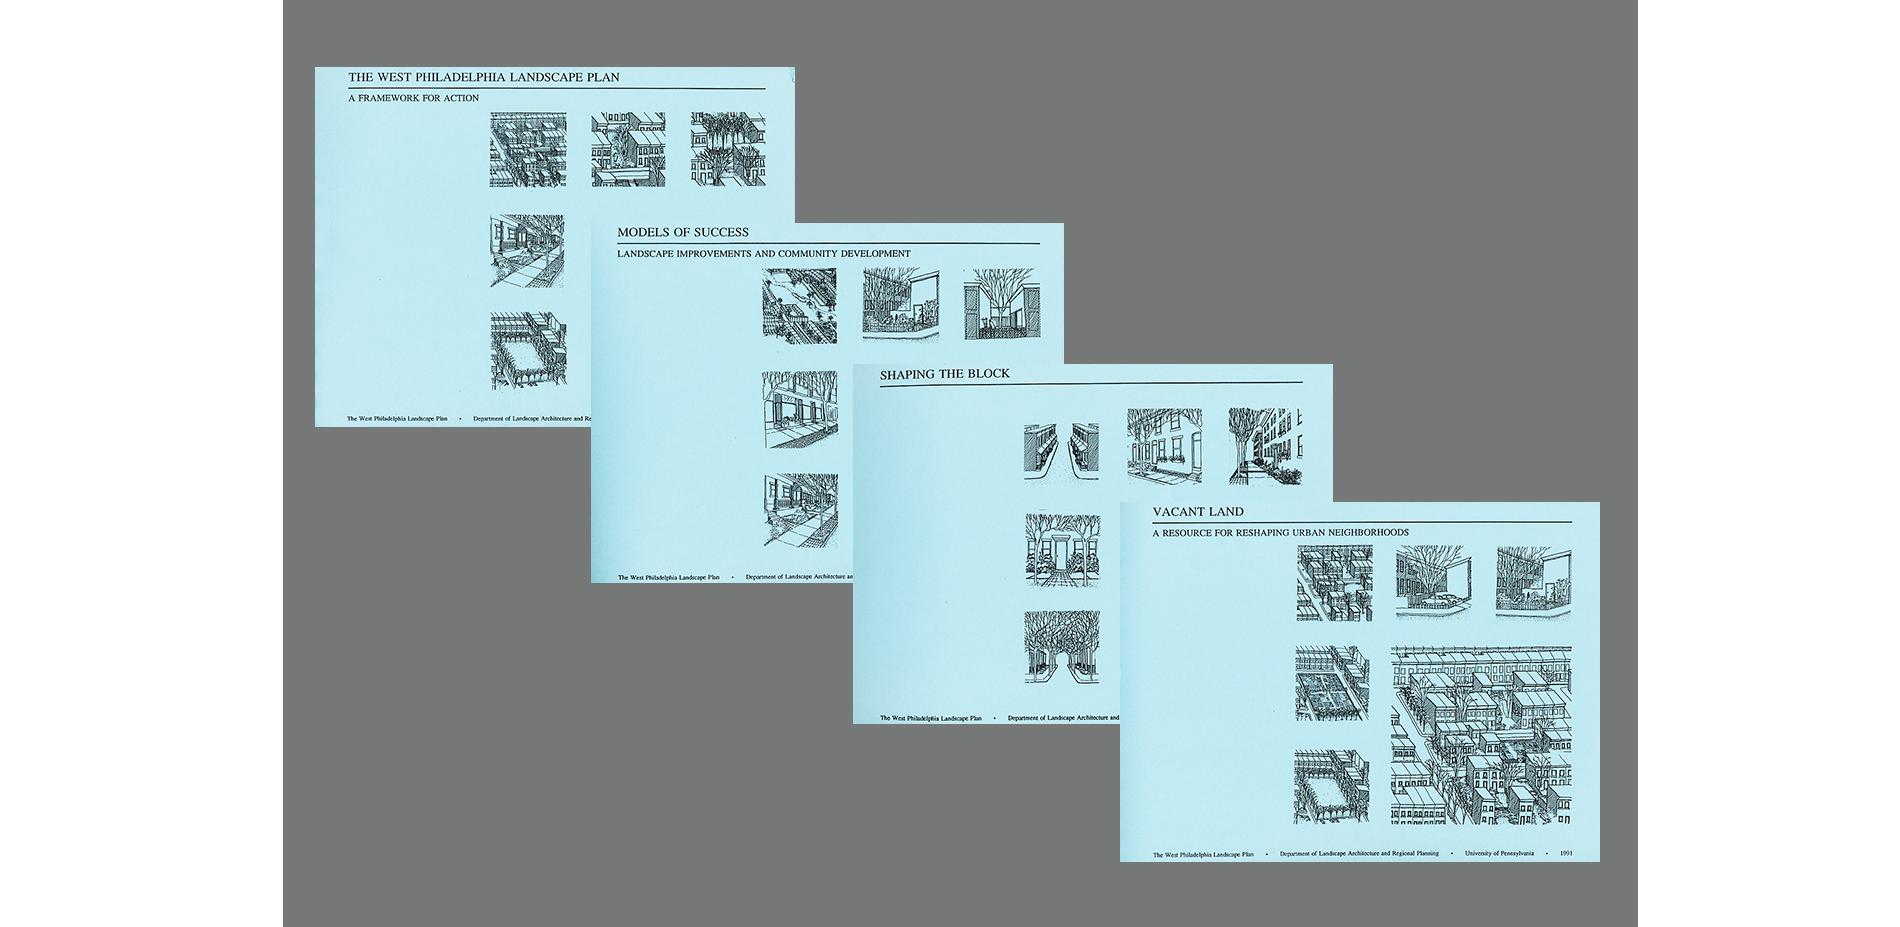 West Philadelphia Landscape Plan Publications (1990-1991)